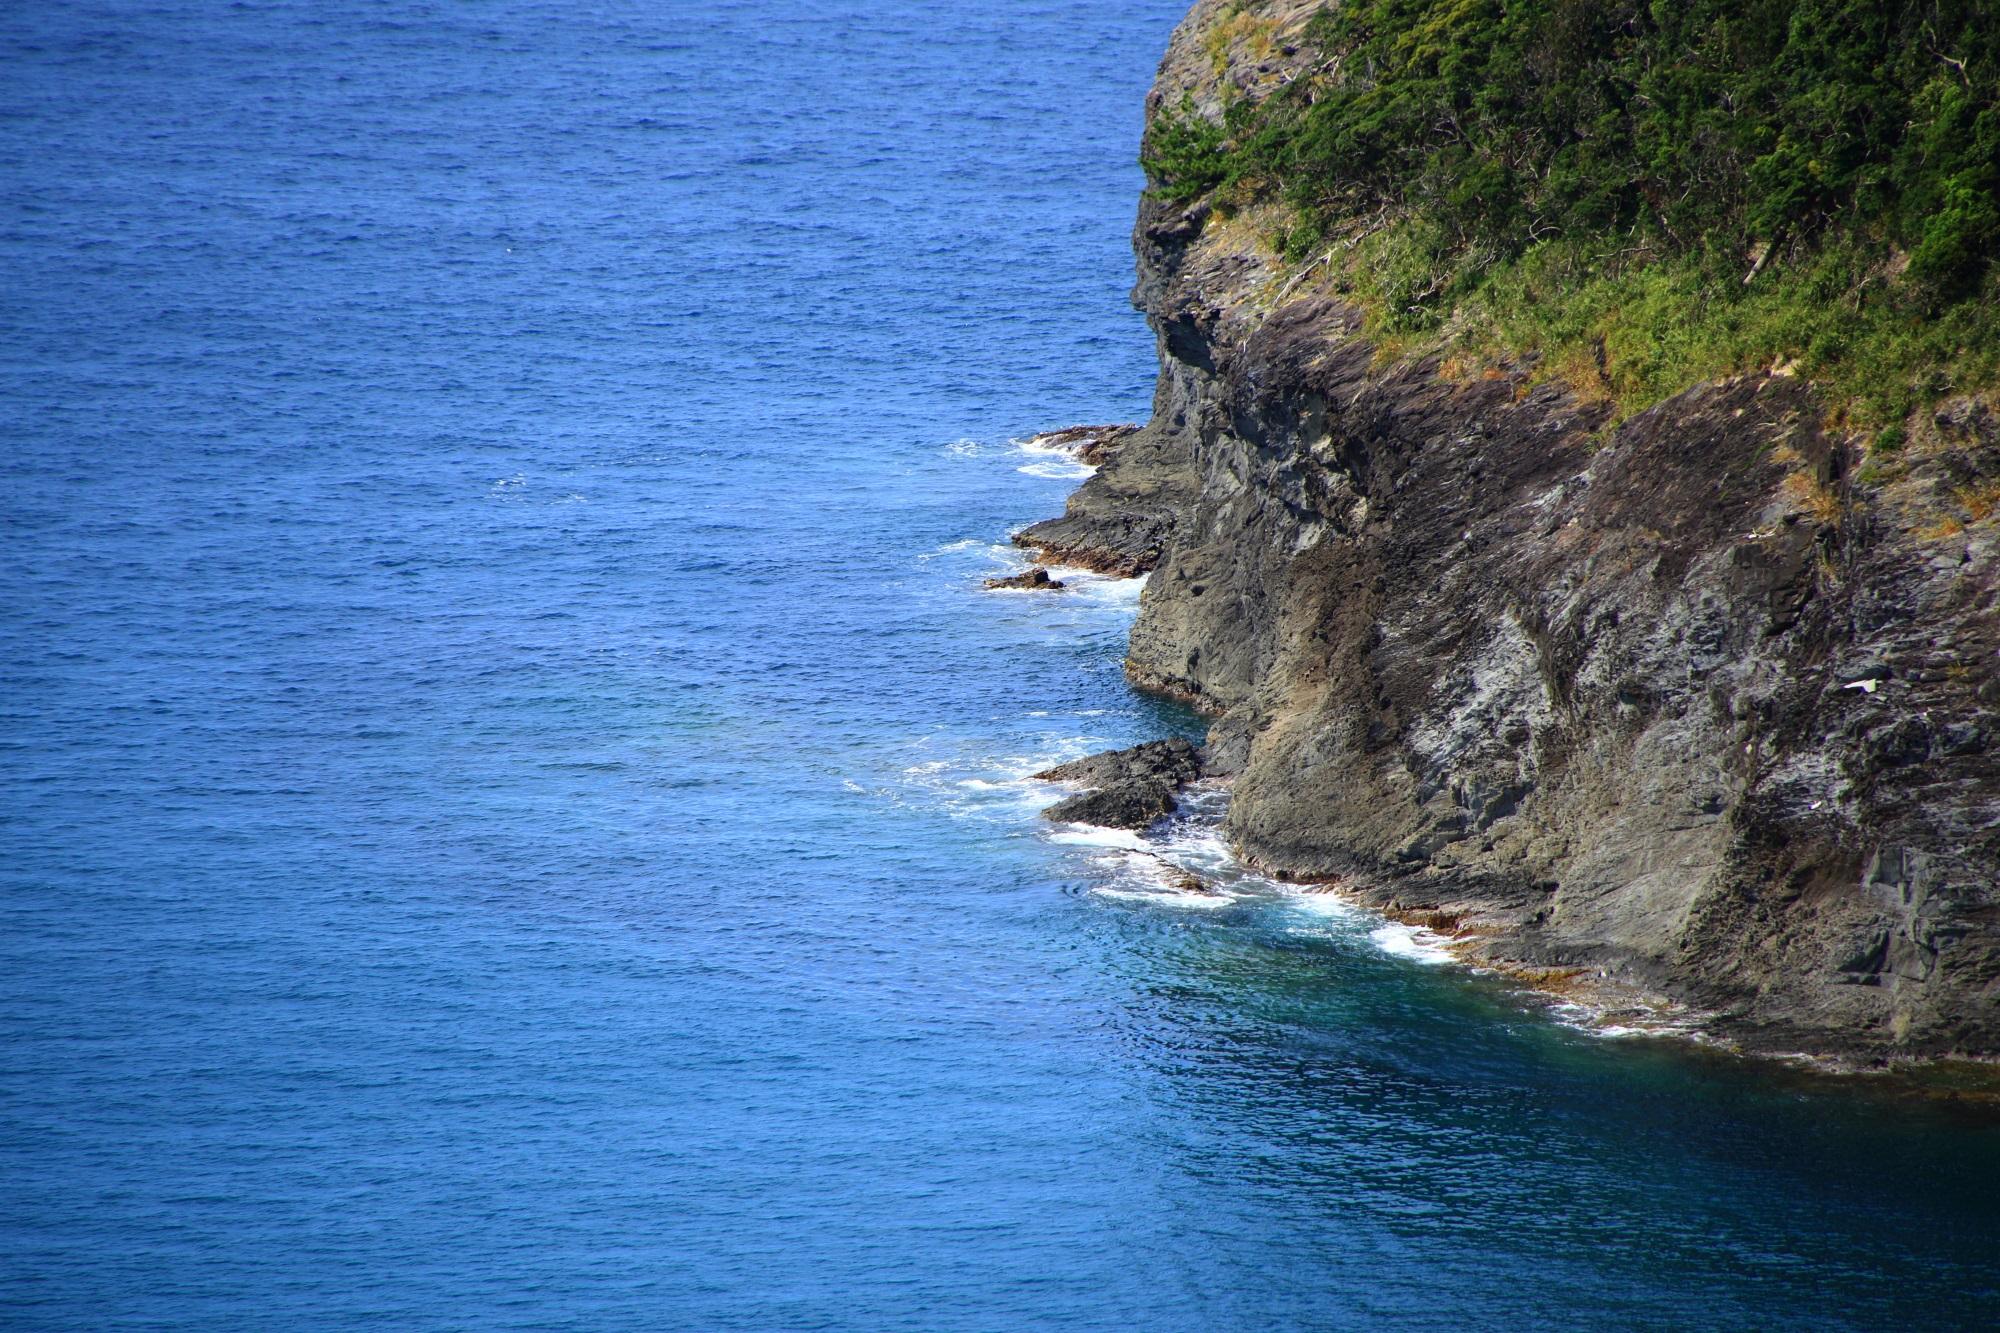 京丹後の犬ヶ岬の断崖絶壁に打ち寄せる細波